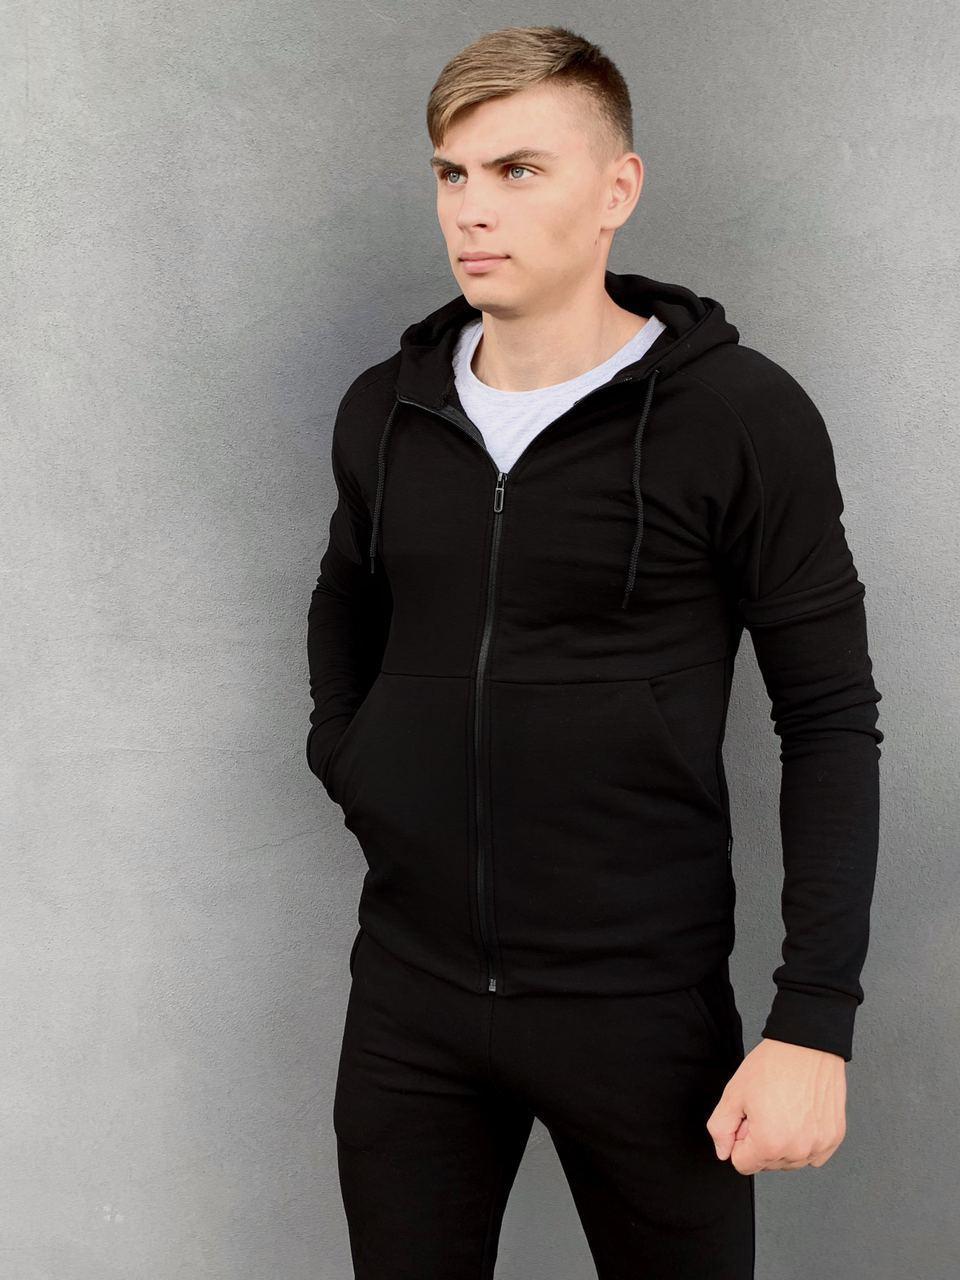 Кофта Мужская Intruder Cosmo спортивная толстовка с капюшоном черная